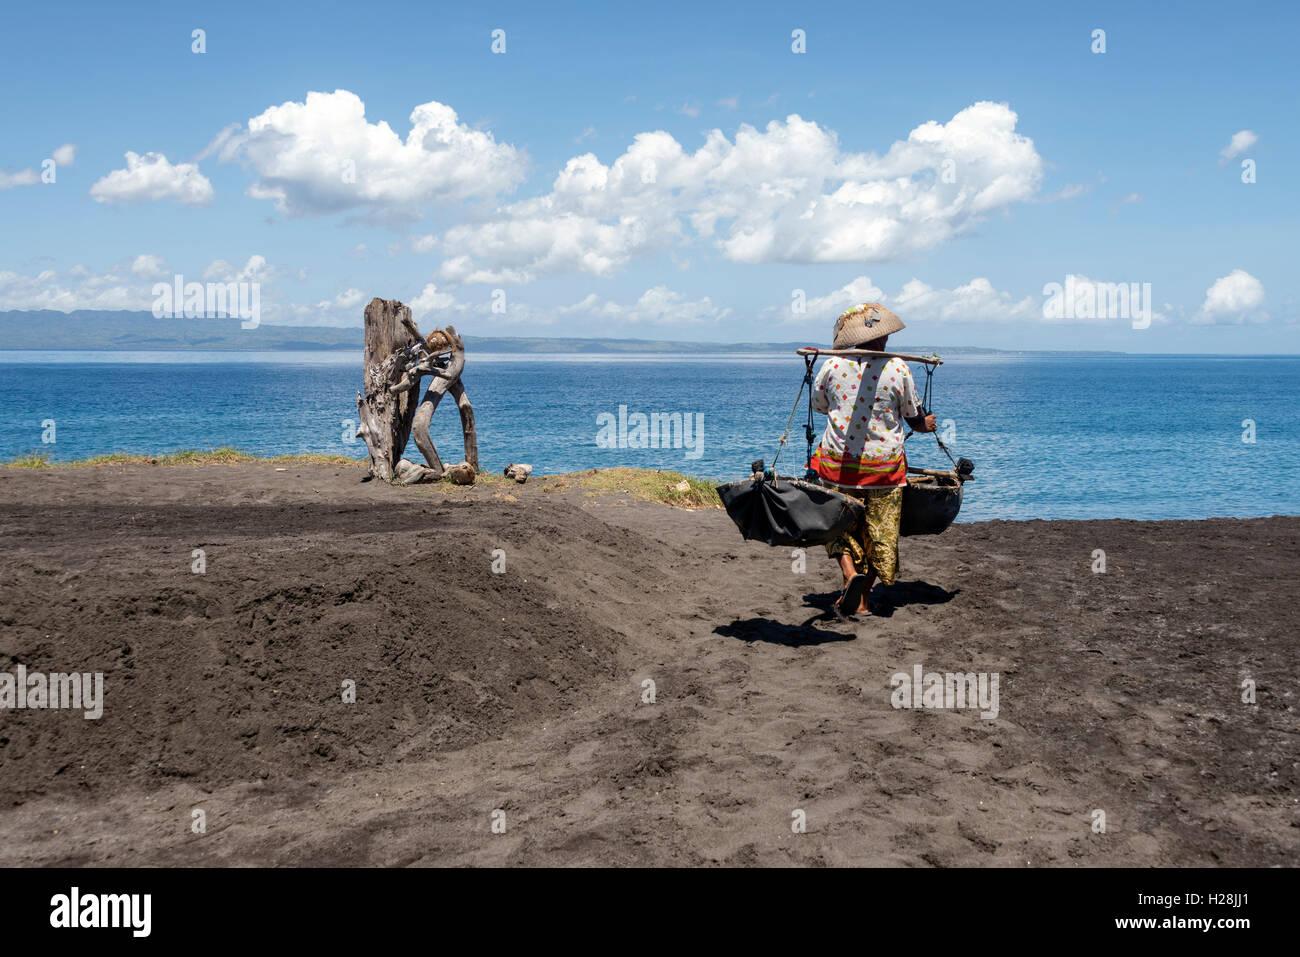 Una mujer que llevaba teku-teku para recoger el agua de mar que posteriormente será salpicado en la arena para Imagen De Stock